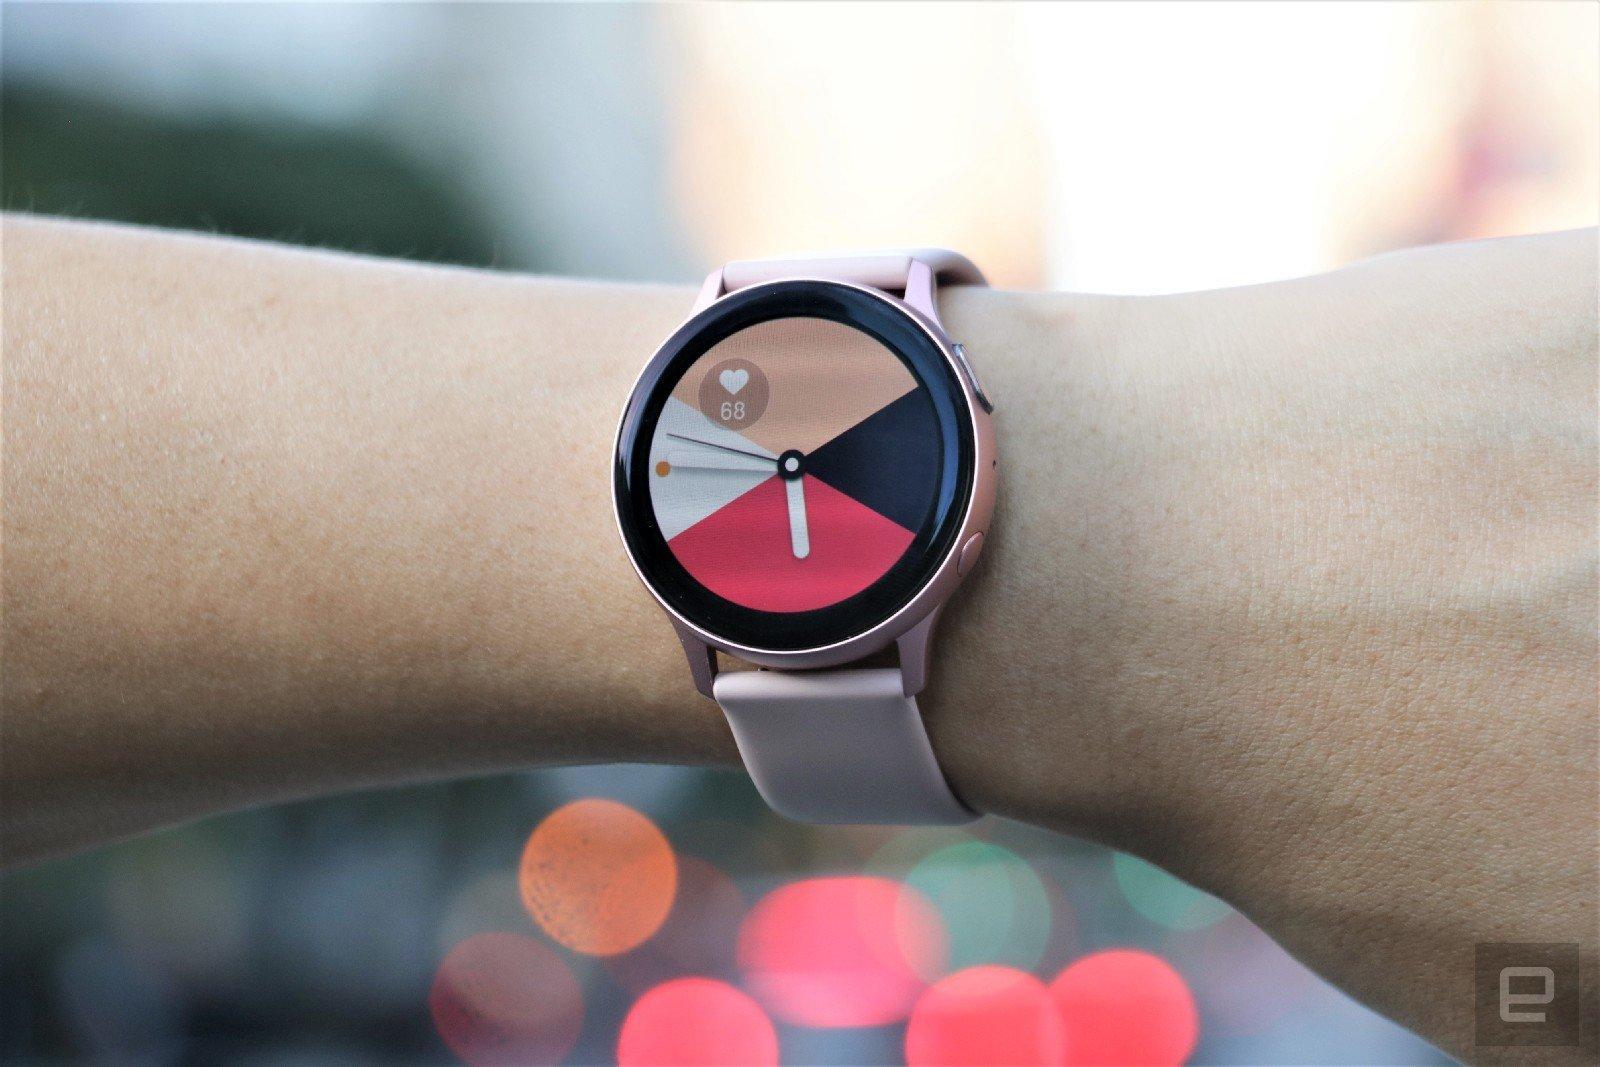 Đánh giá Samsung Galaxy Watch Active 2: Smartwatch tầm trung đầy mạnh mẽ -  VnReview - Đánh giá